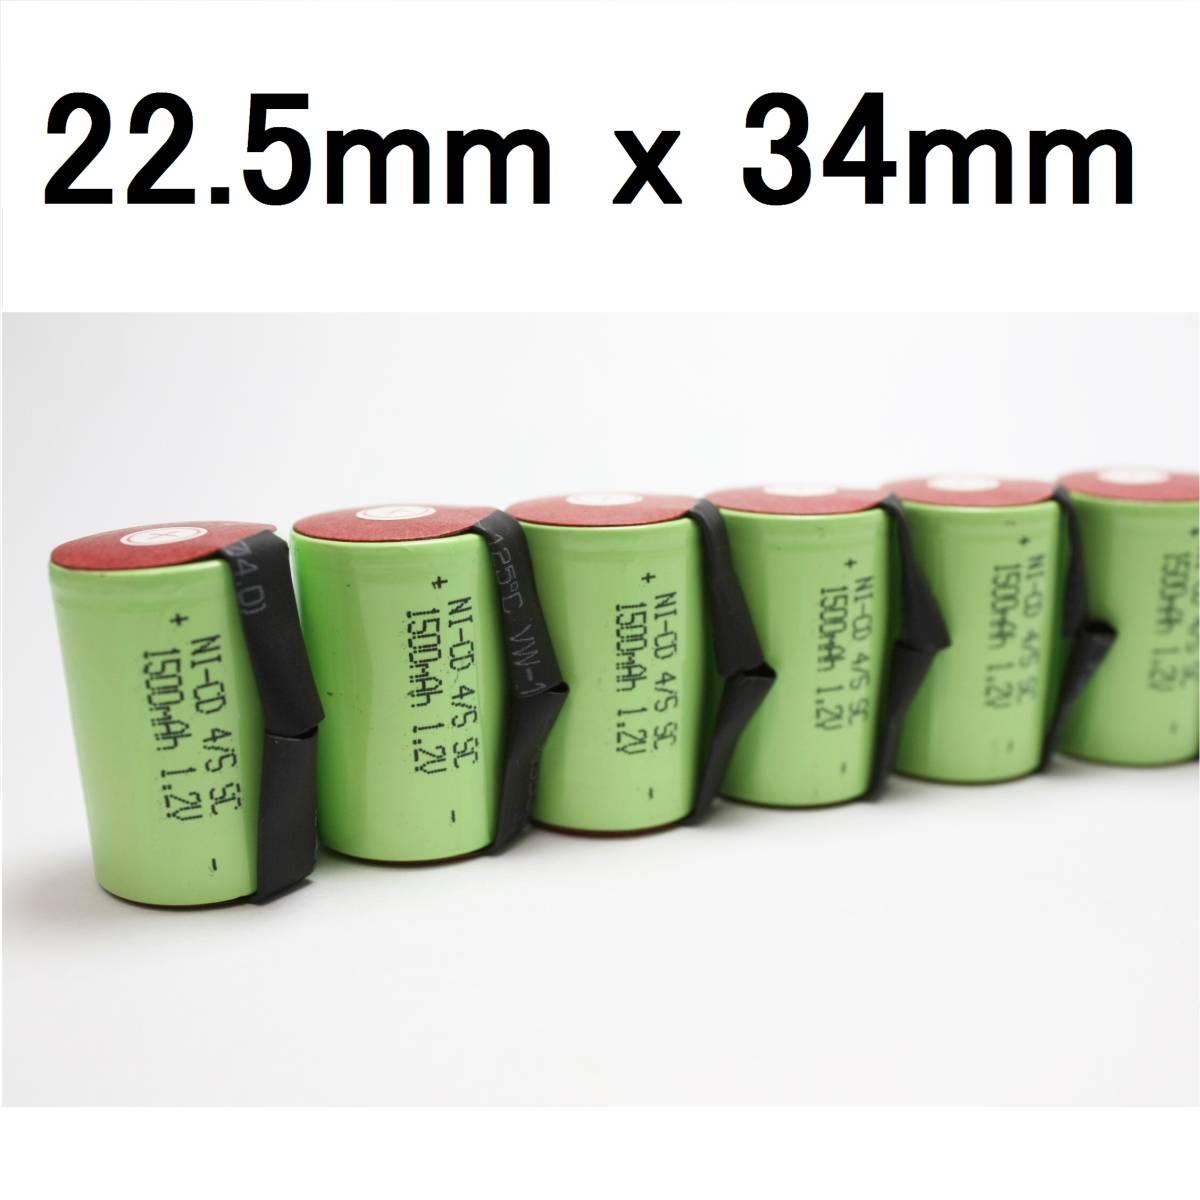 ★22.5x34mm NI-CD 4/5 SC ニカド ニッカド タブ付 ラジコン 電動RC ドライバー ドリル 工具掃除機 電動インパクト 充電池 バッテリー06_画像1